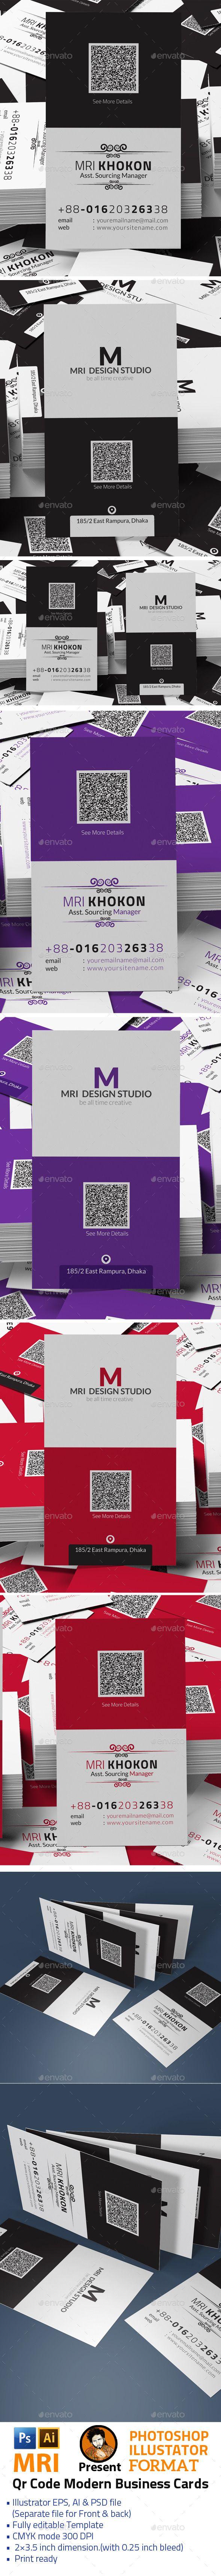 qr code modern business cards